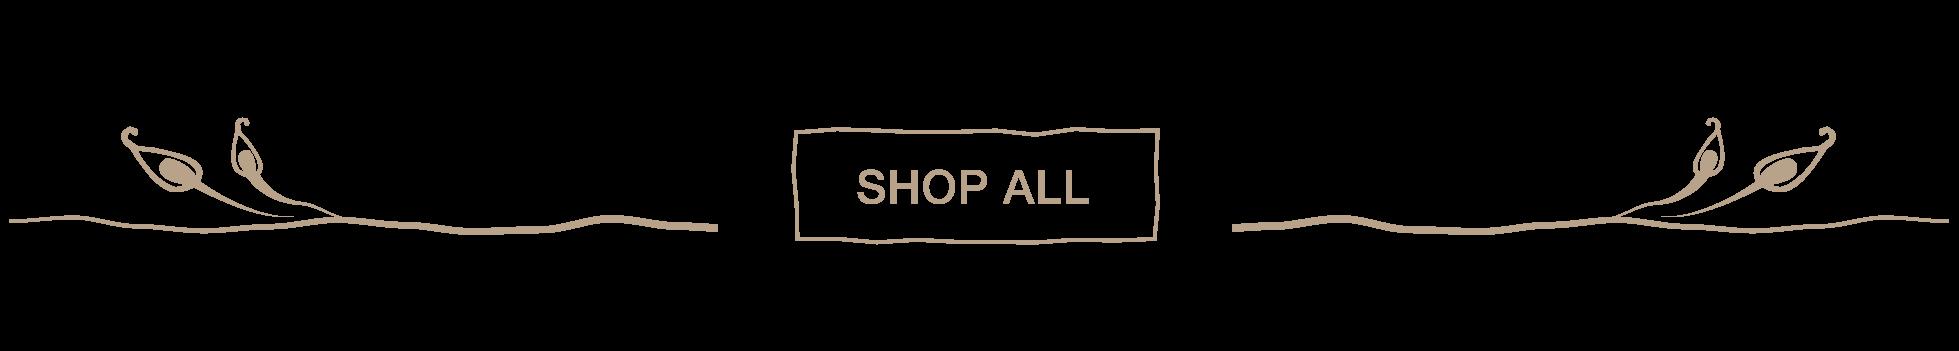 banner_ShopAll.png